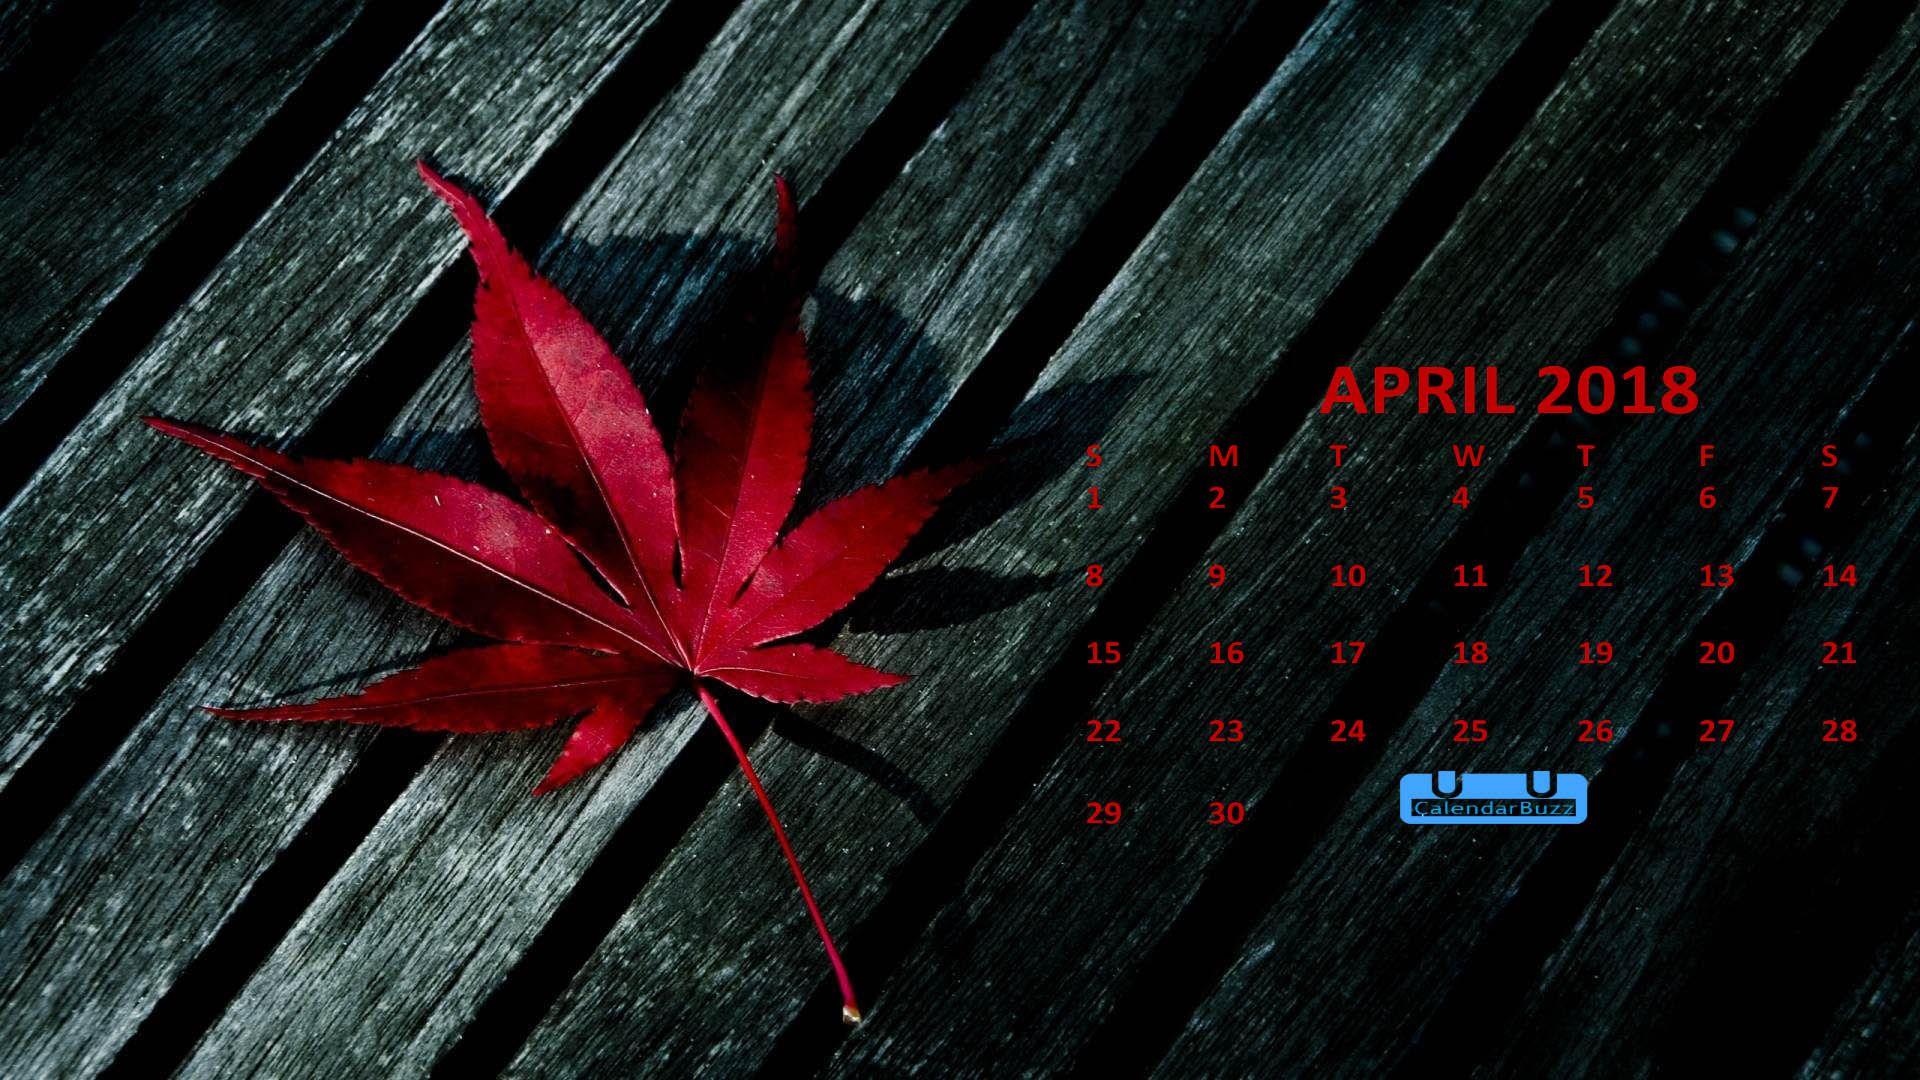 april 2018 calendar hd